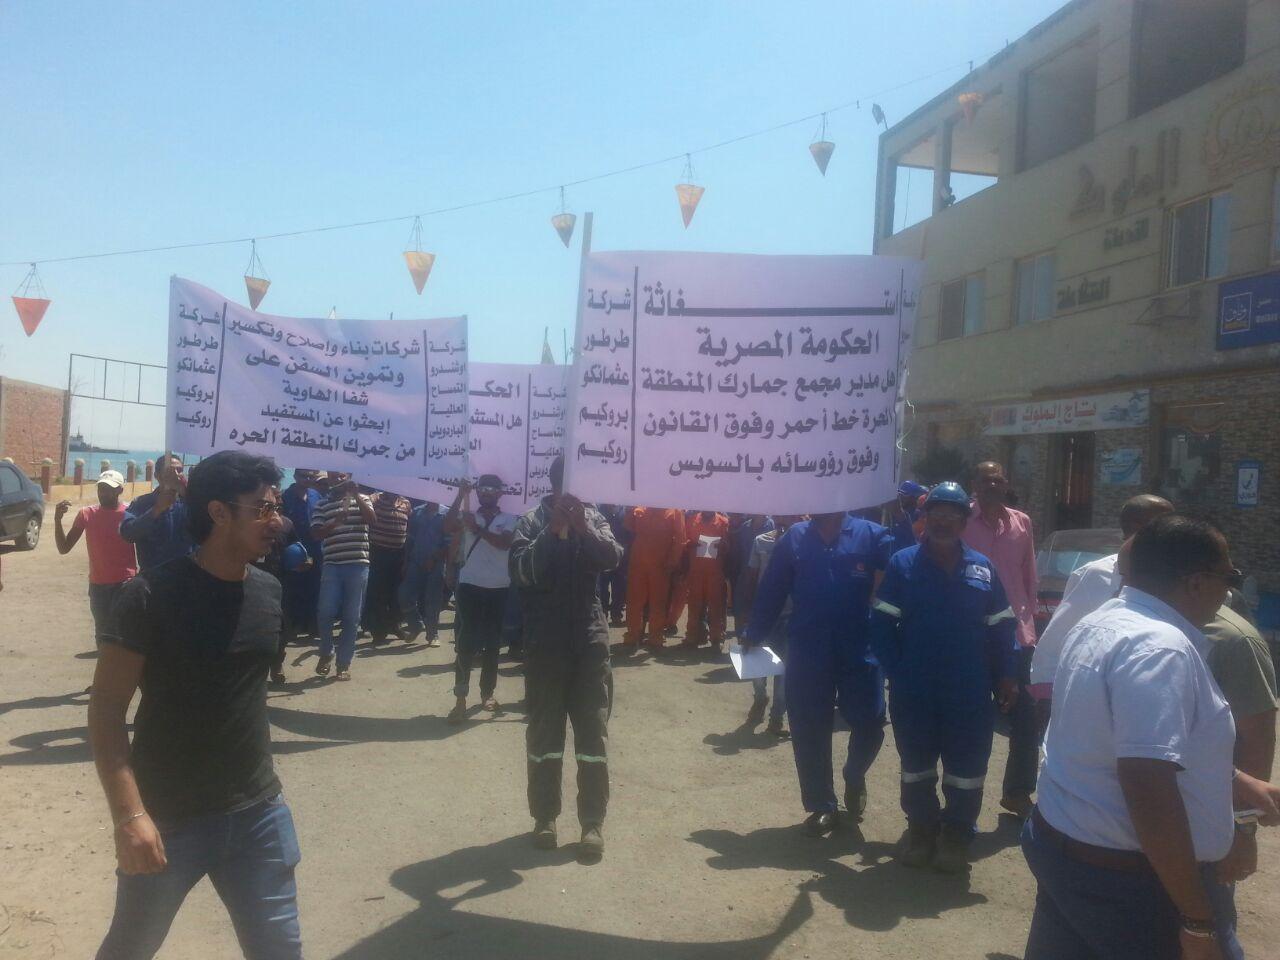 بالصور.. احتجاجات لعمال 9 شركات اعتراضًا على قرارات مدير المنطقة الحرة بالسويس